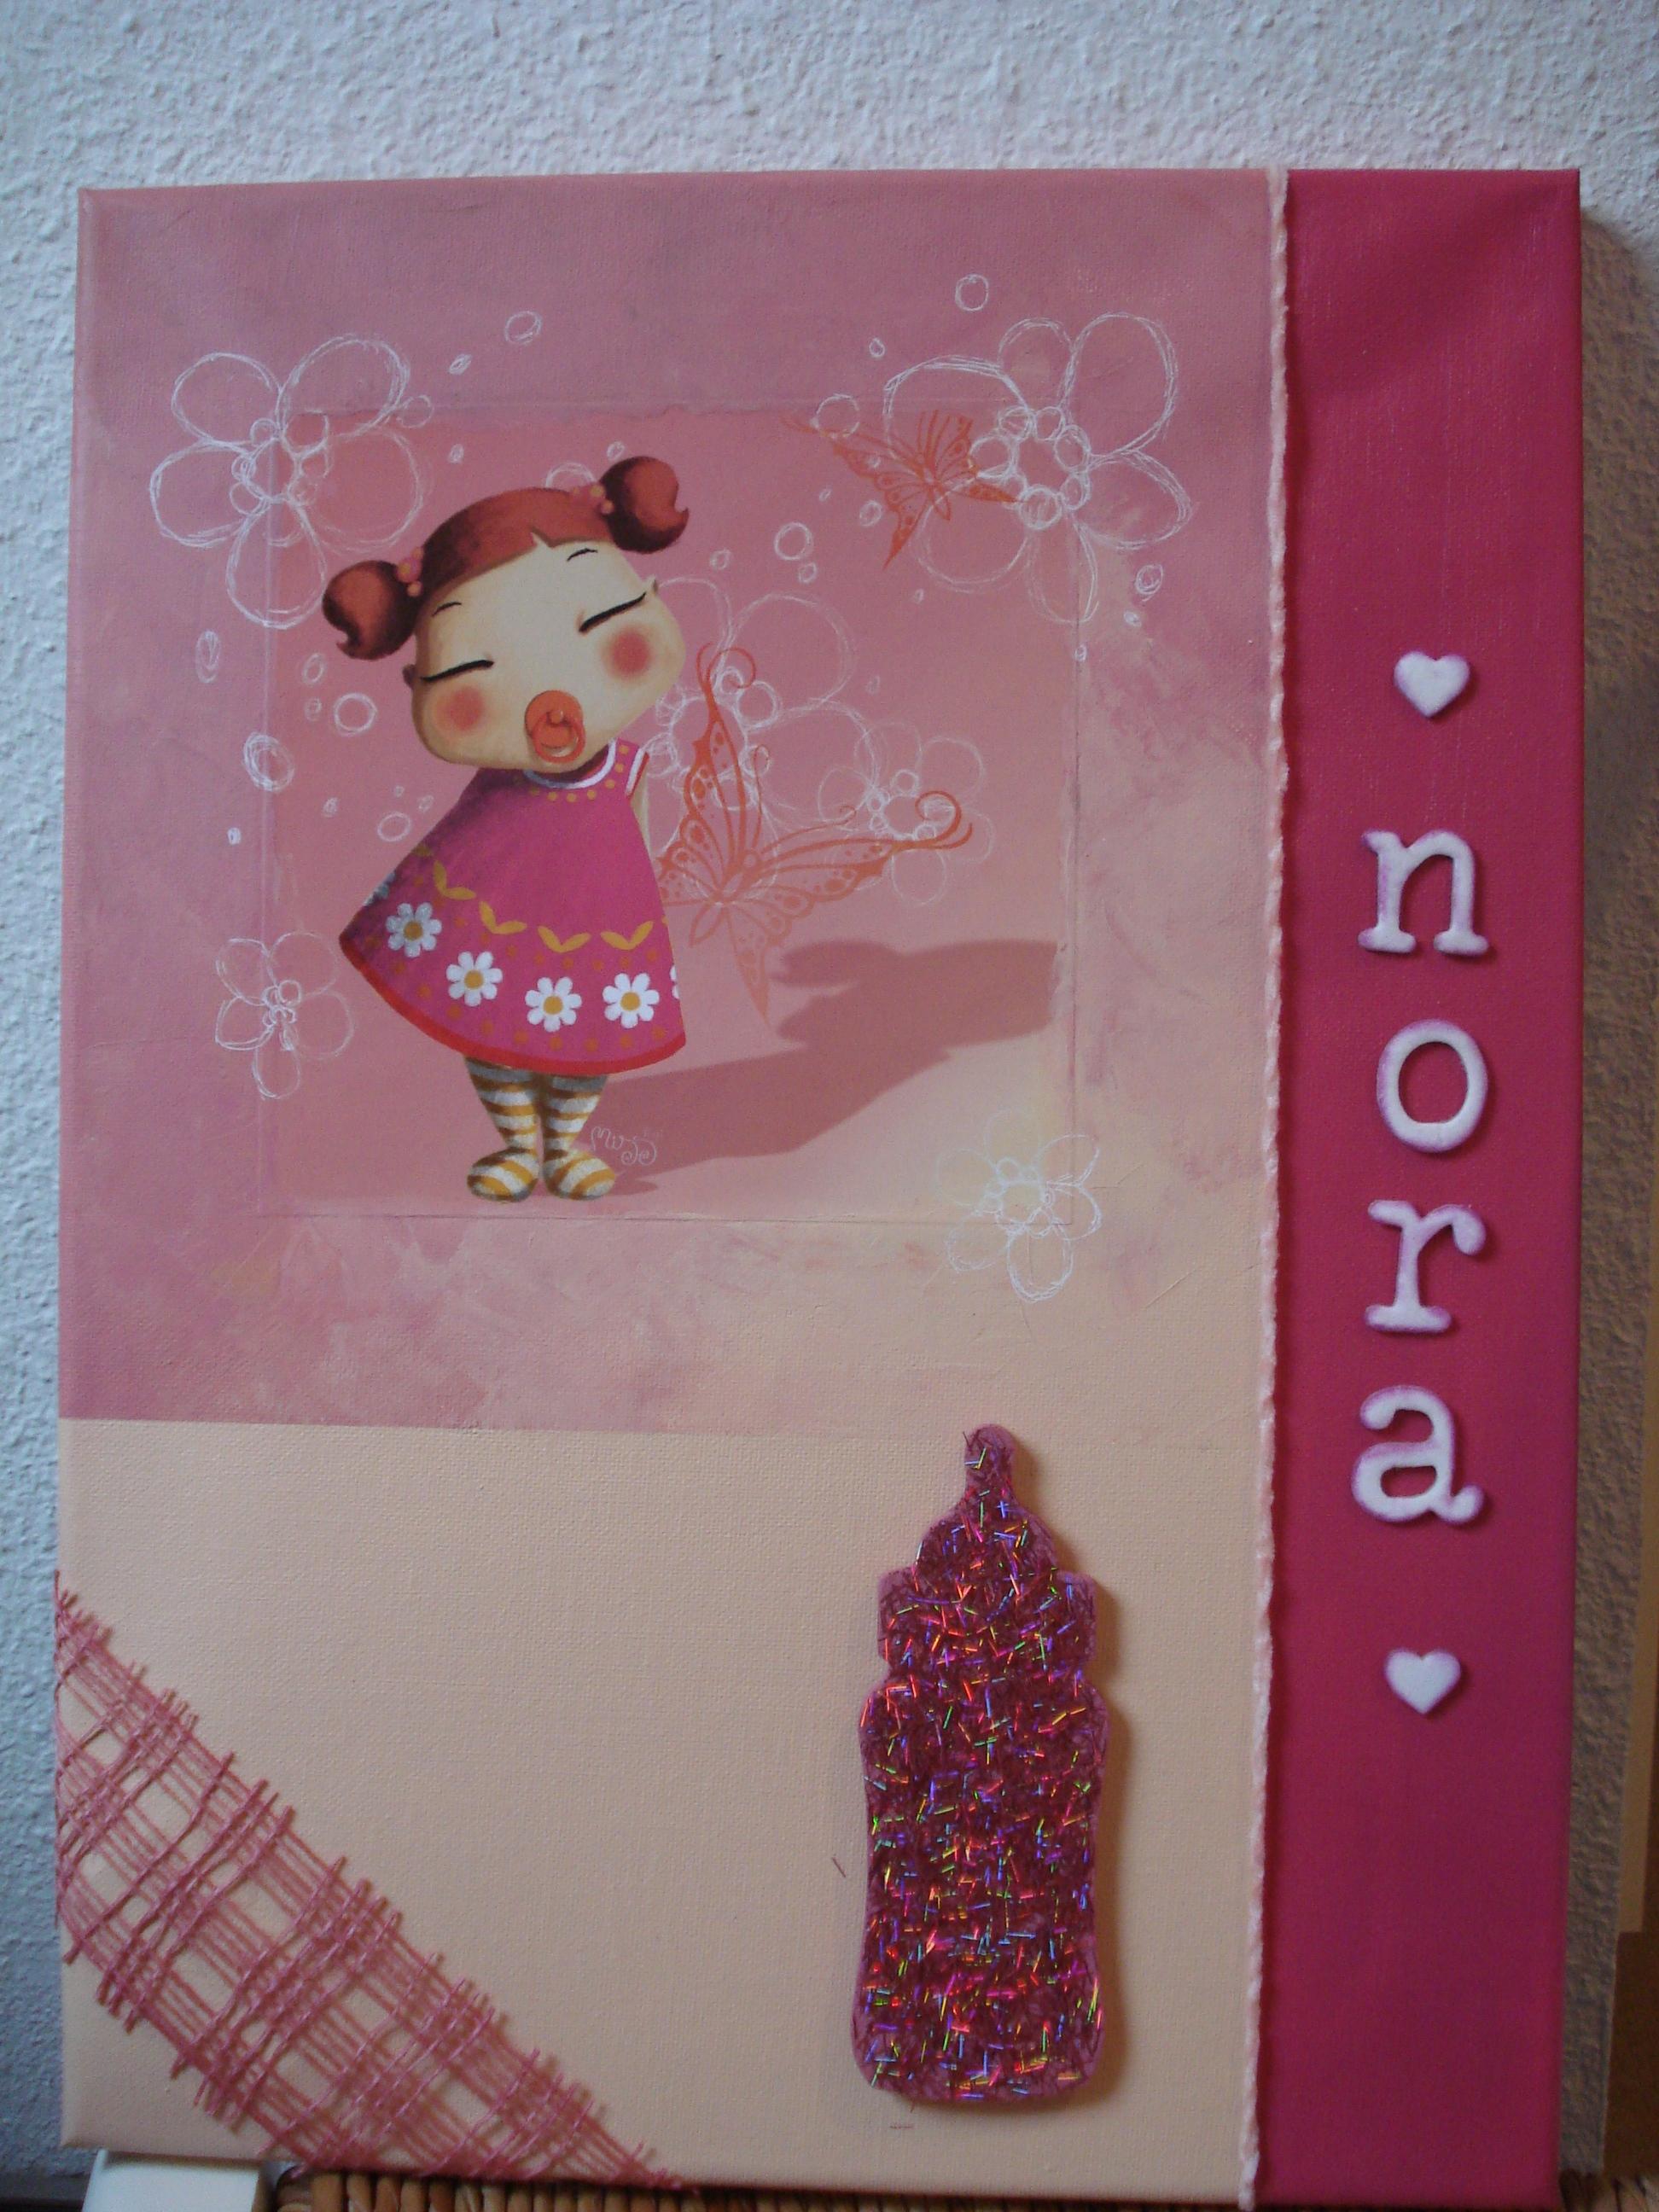 Miloune cr ation archives du blog tableau nora for Tableau pour chambre fille